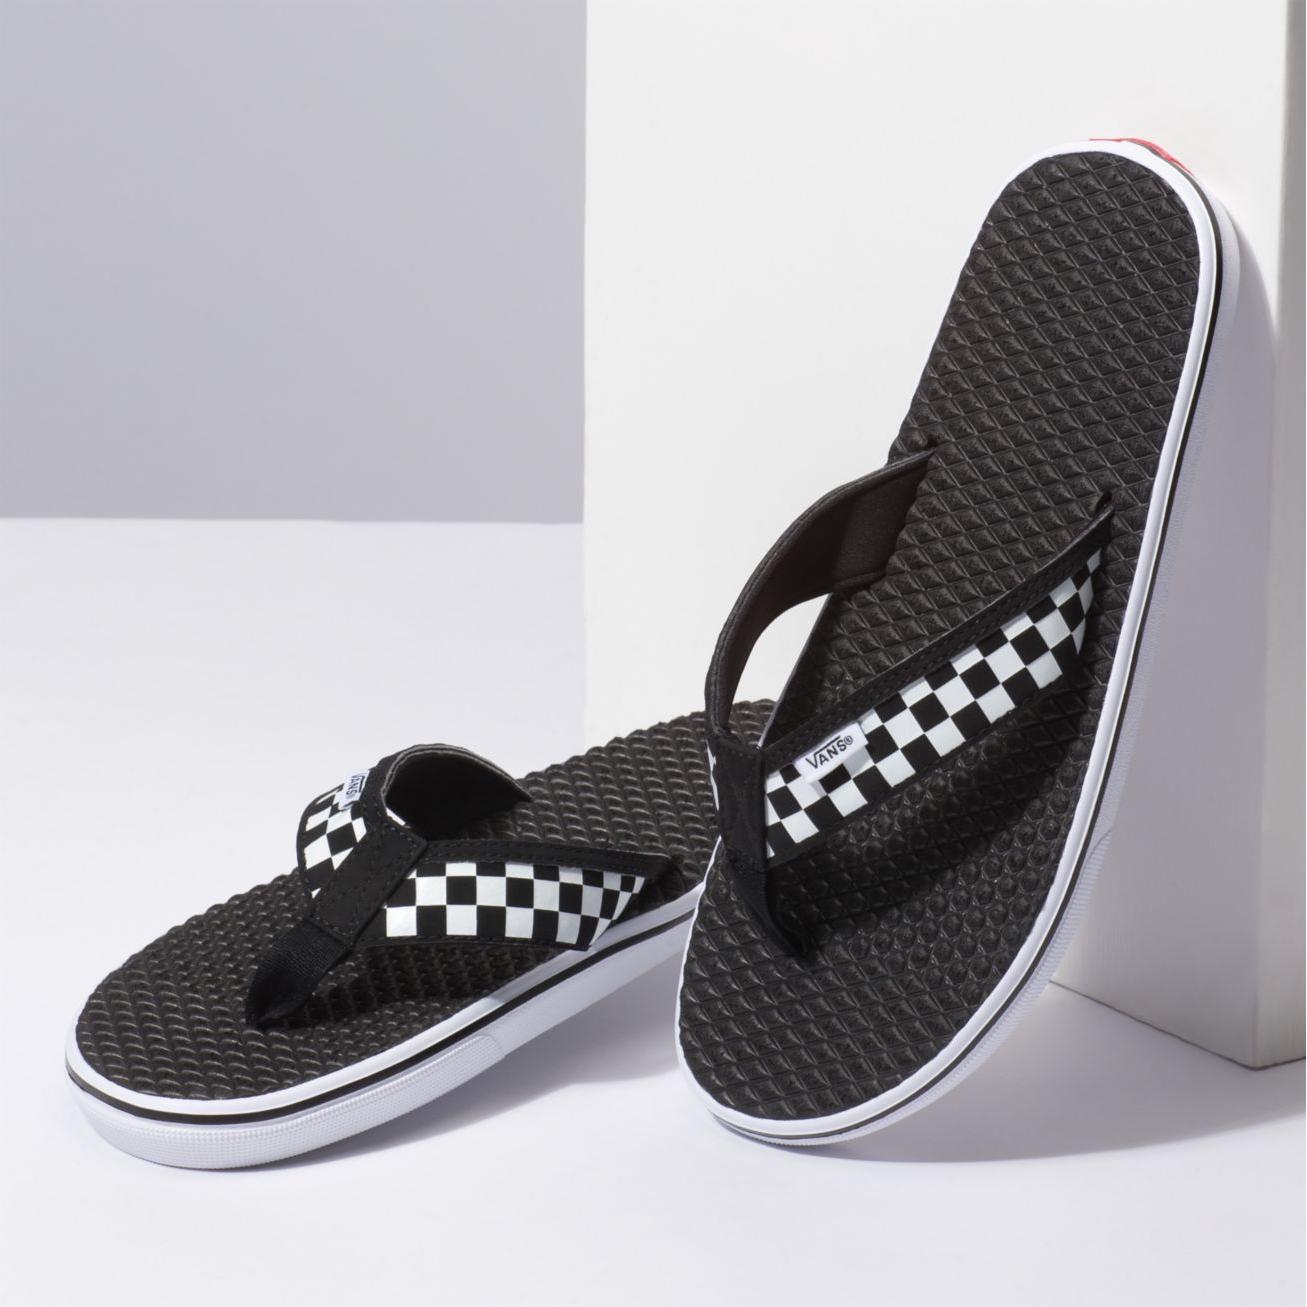 d5969c36fa558d Vans La Costa Lite Sandal - Black Off White